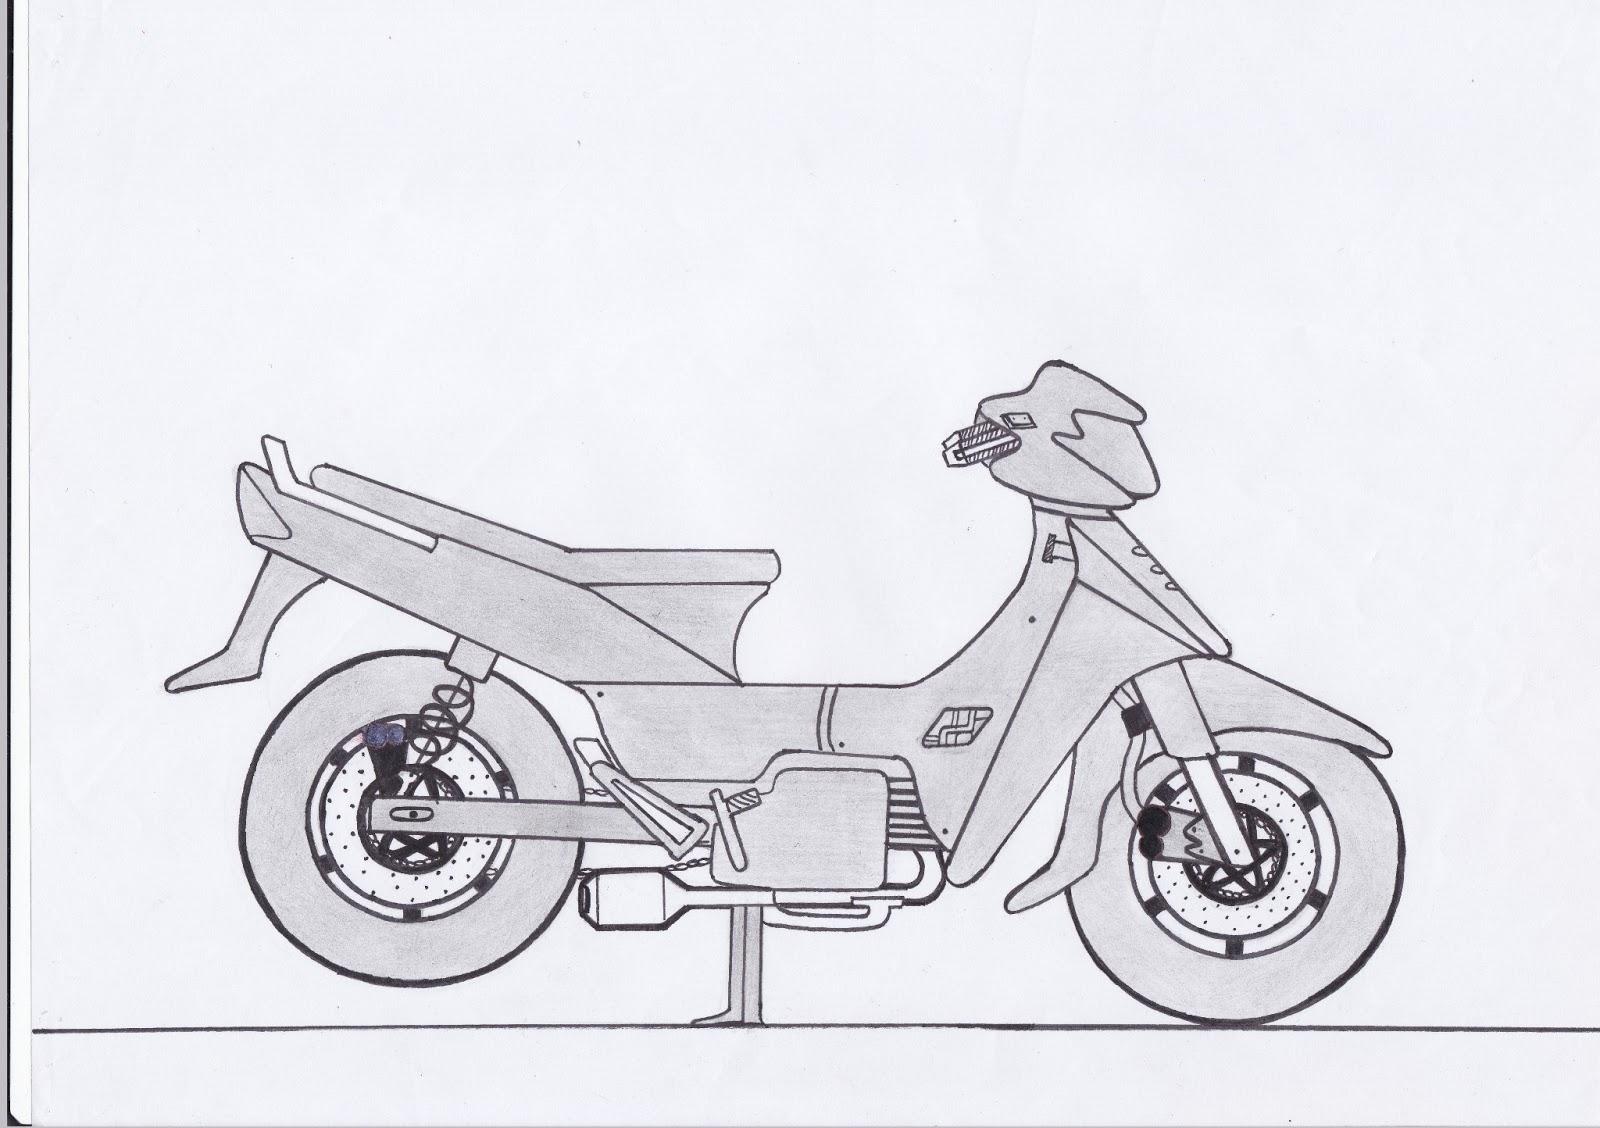 Kumpulan Gambar Motor Drag Dengan Pensil Terlengkap Kinyis Motor